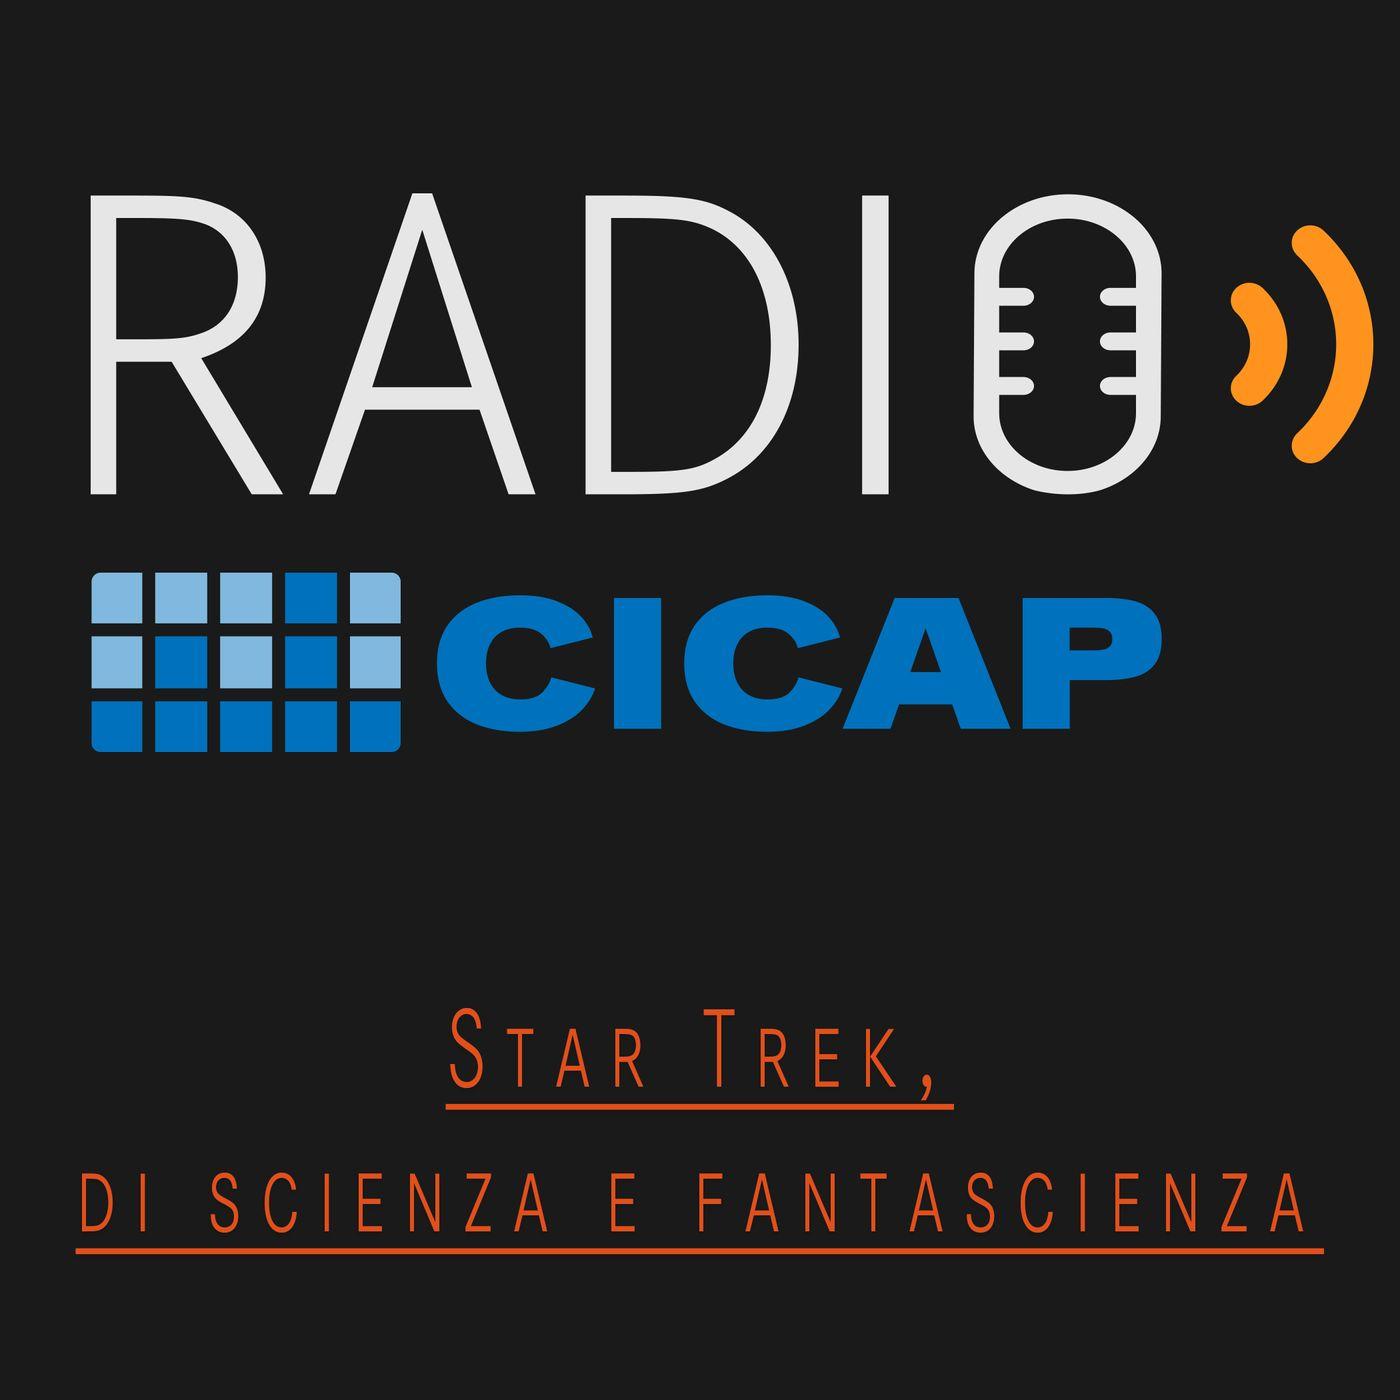 Star Trek, di scienza e fantascienza - con Chiara Codecà